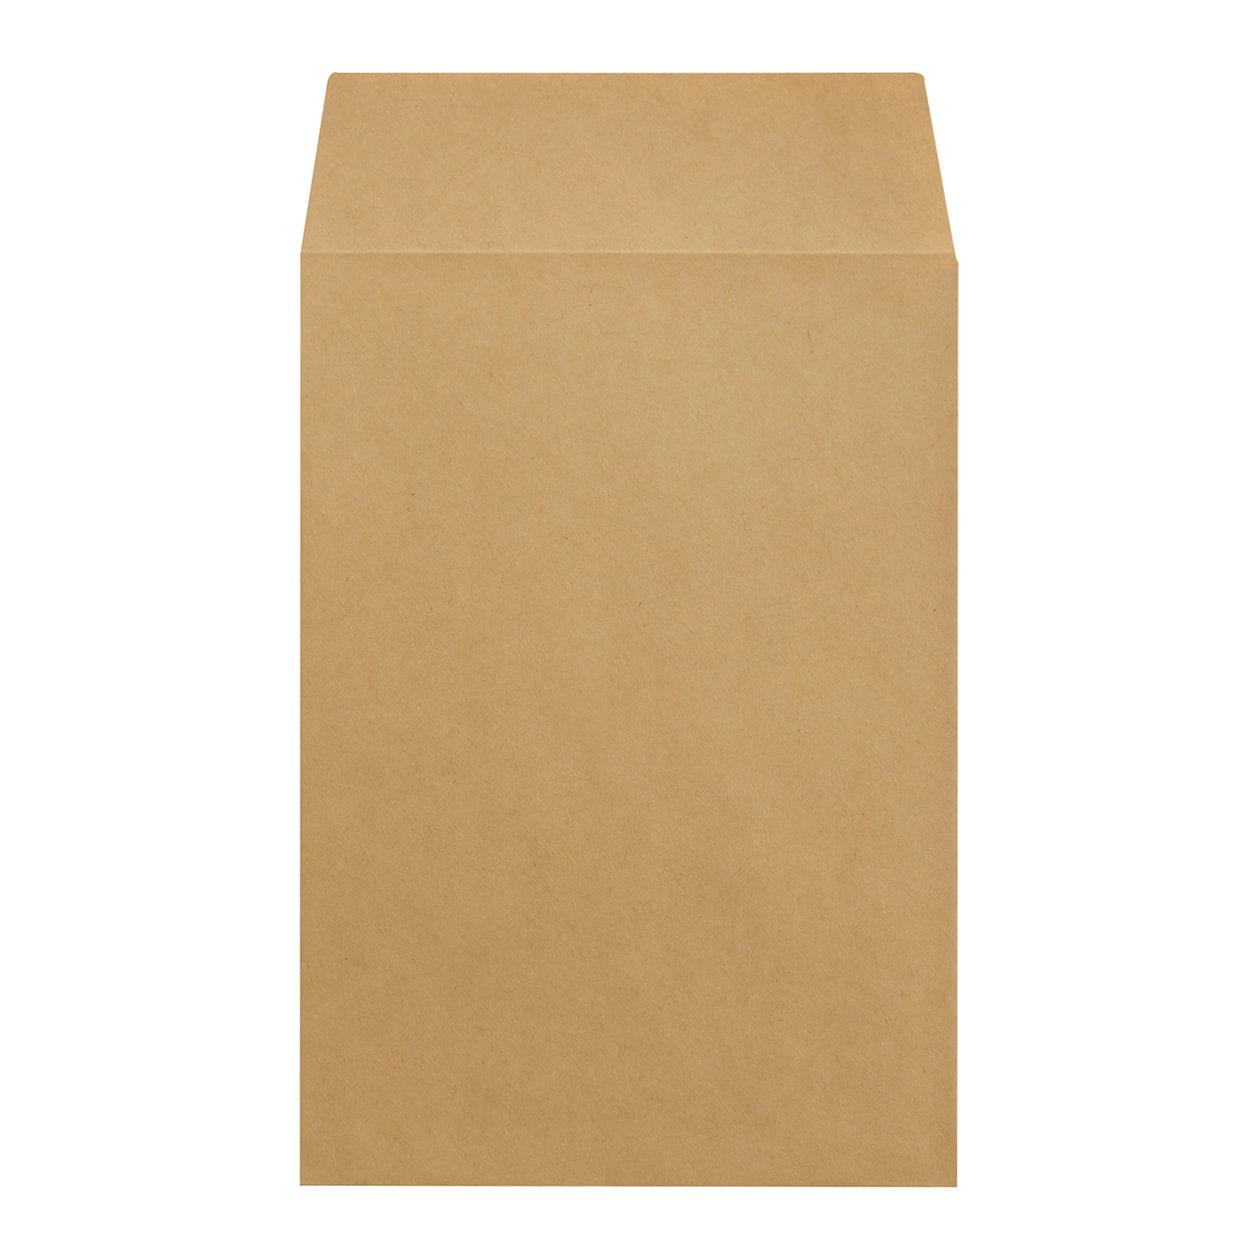 角6封筒 未晒クラフト 100g